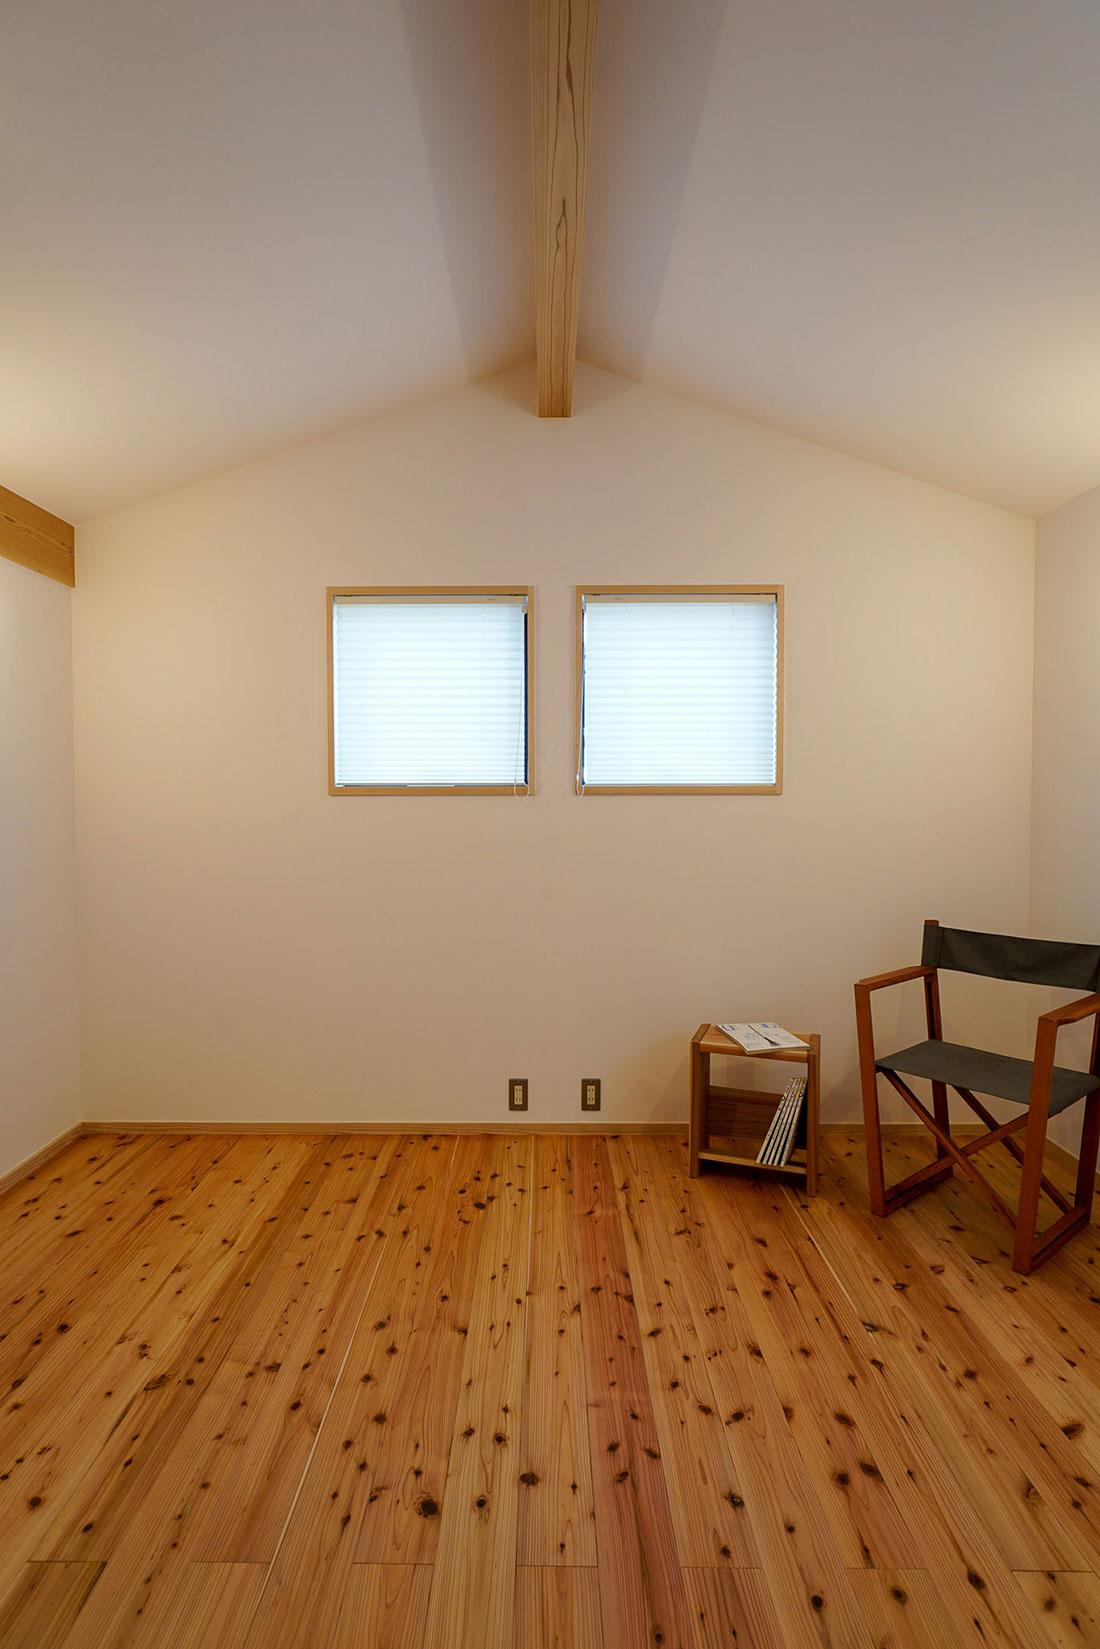 北寺島の家 居室